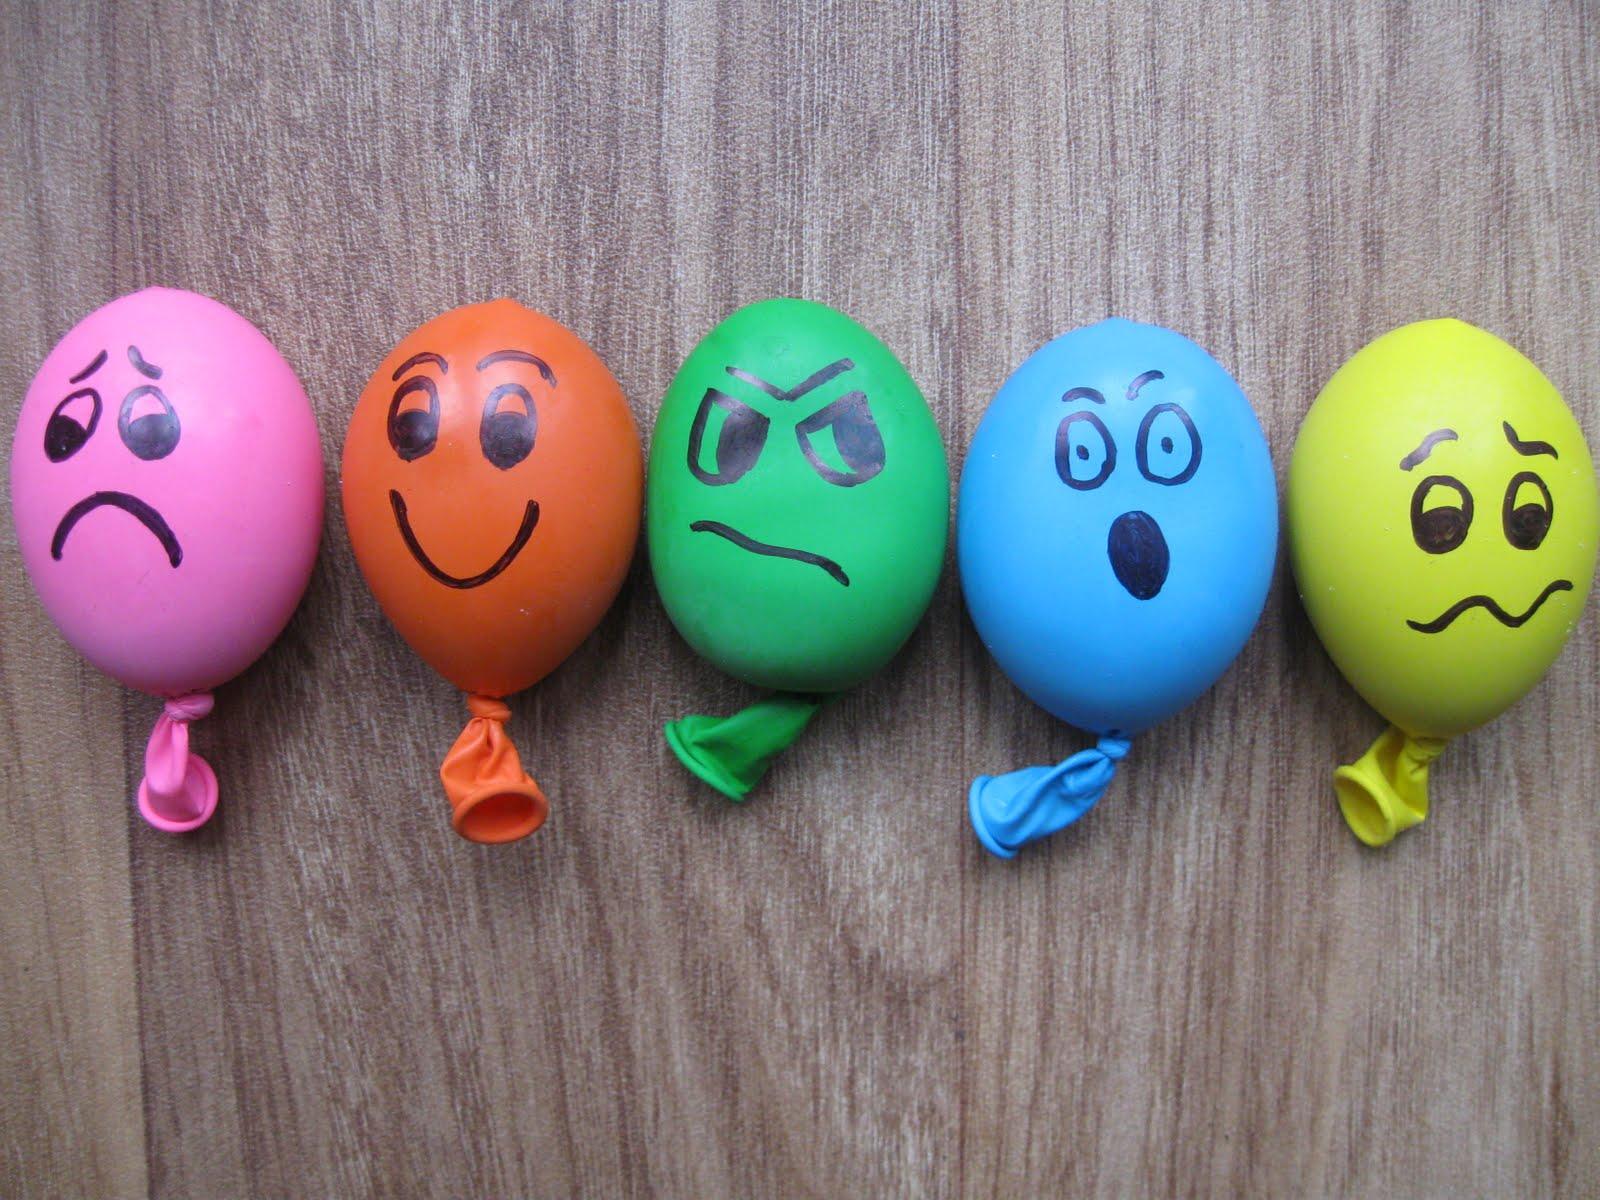 las habilidades emocionales son importantes en el desarrollo personal